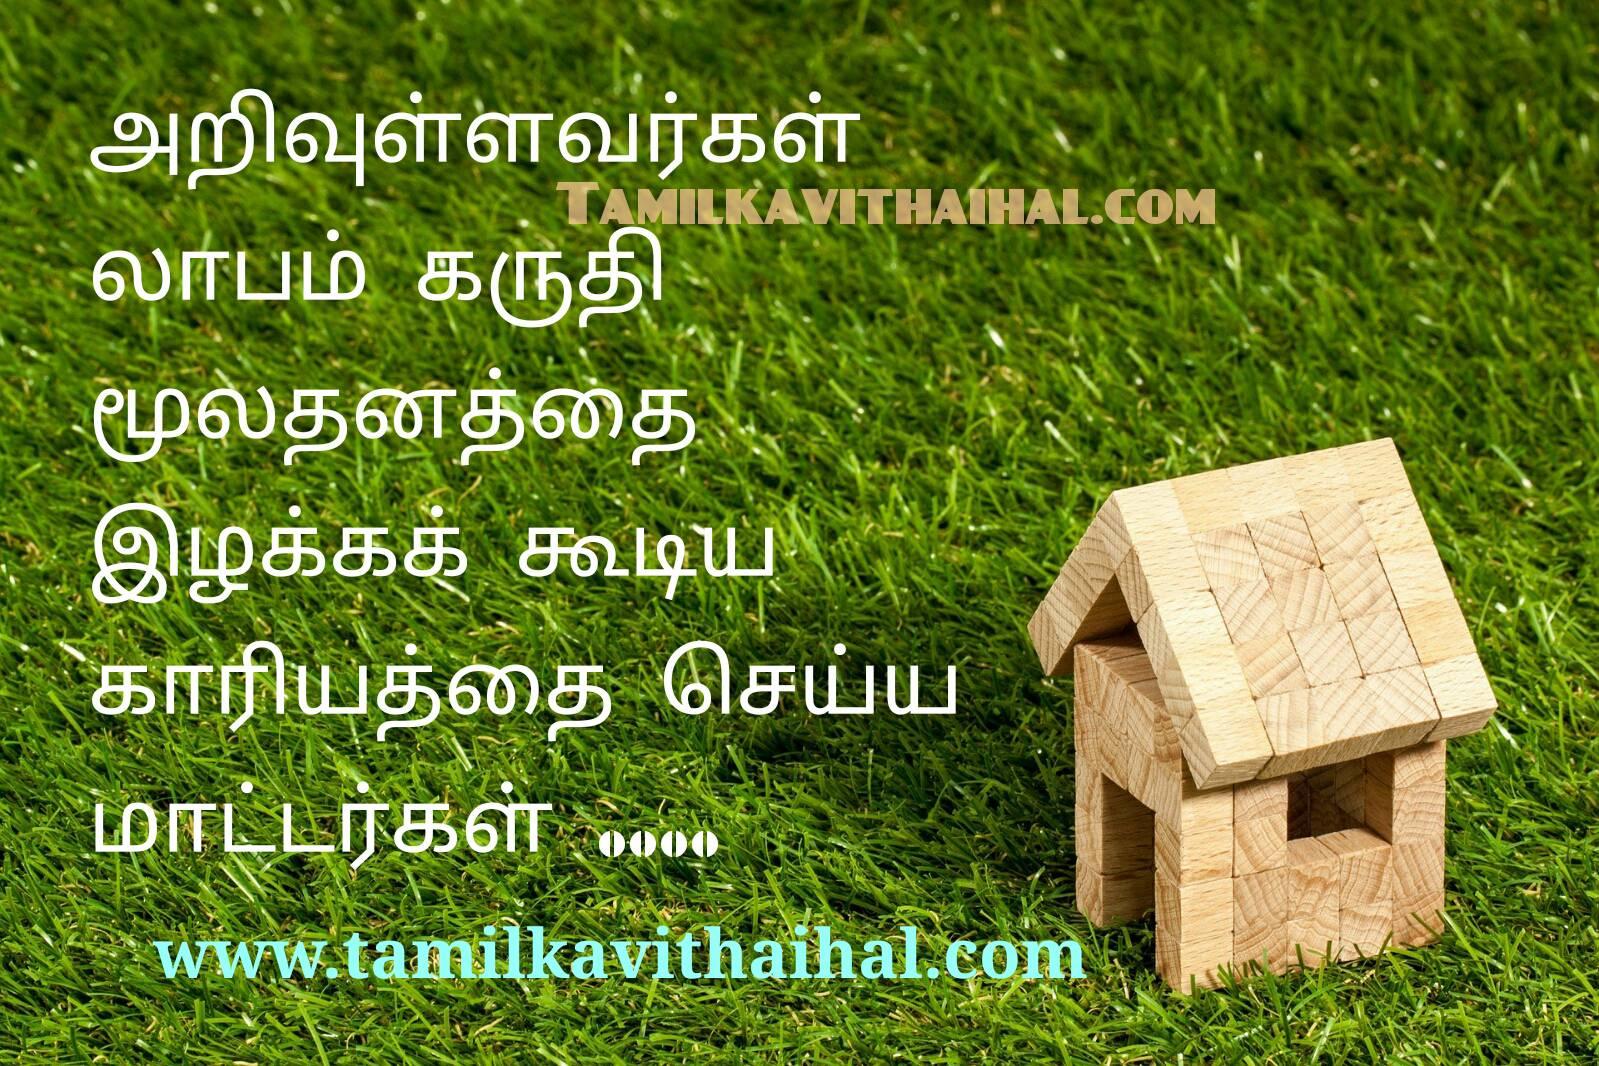 Famous tamil quotes valkkai thathuvam in tamil language about job future lapam ulaippu facebook image